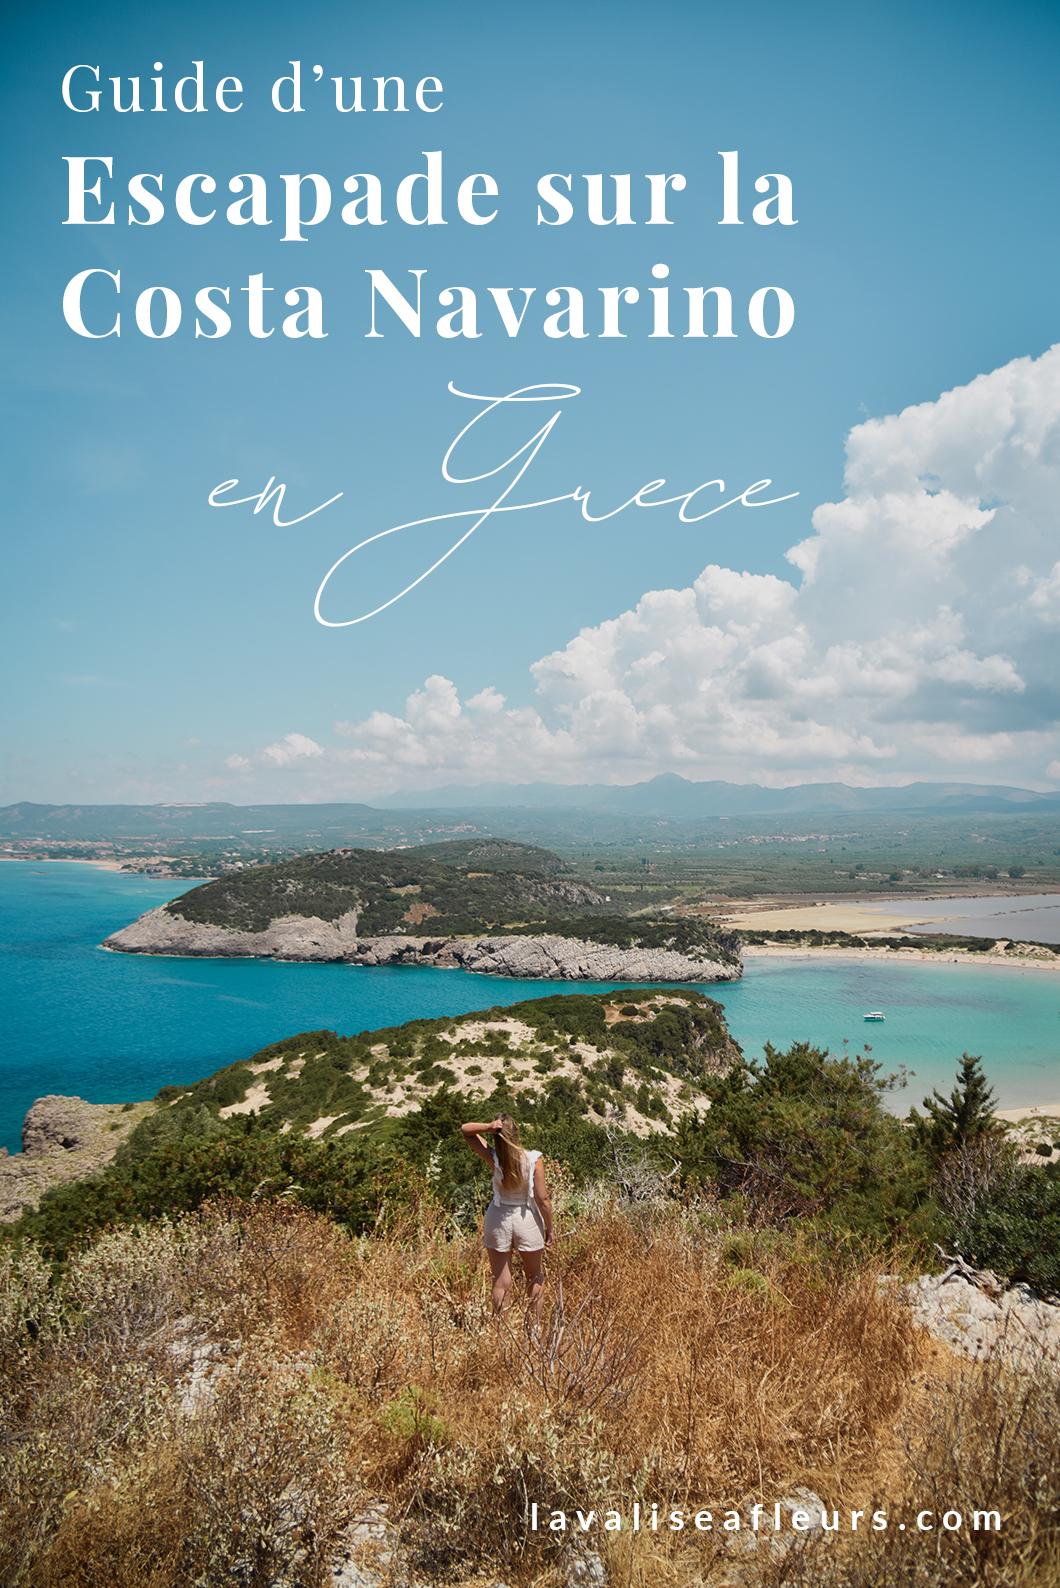 Guide d'une escapade sur la Costa Navarino en Grèce